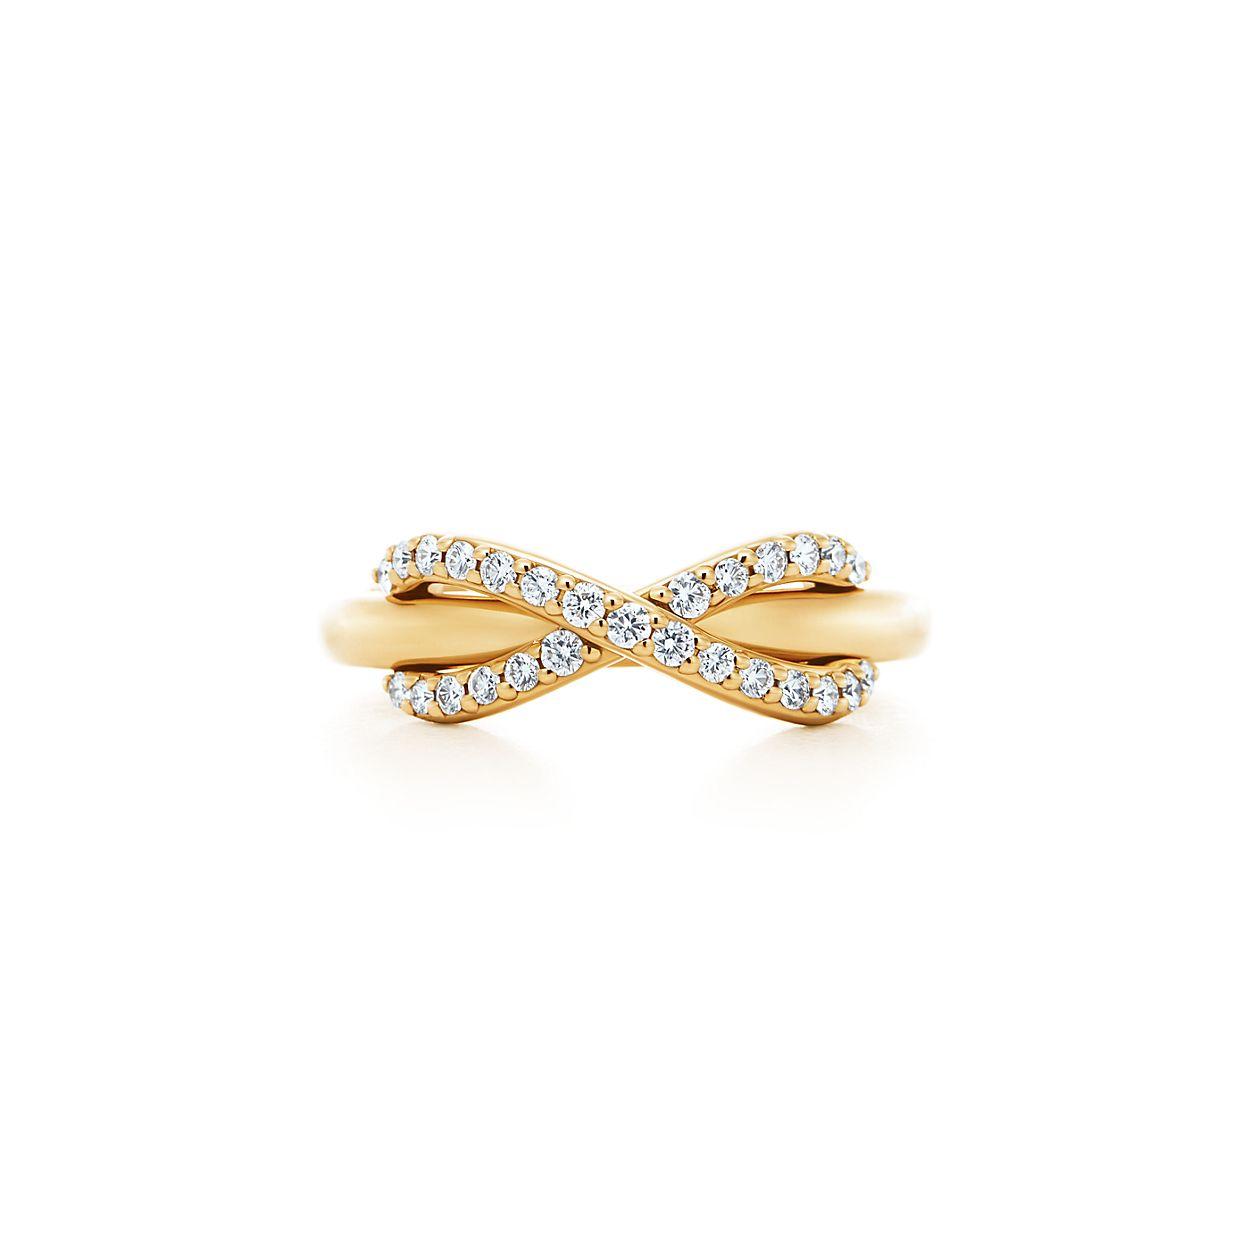 Кольцо Tiffany Infinity из золота 18 карат с бриллиантами.   Tiffany ... 7a602c8a8e5